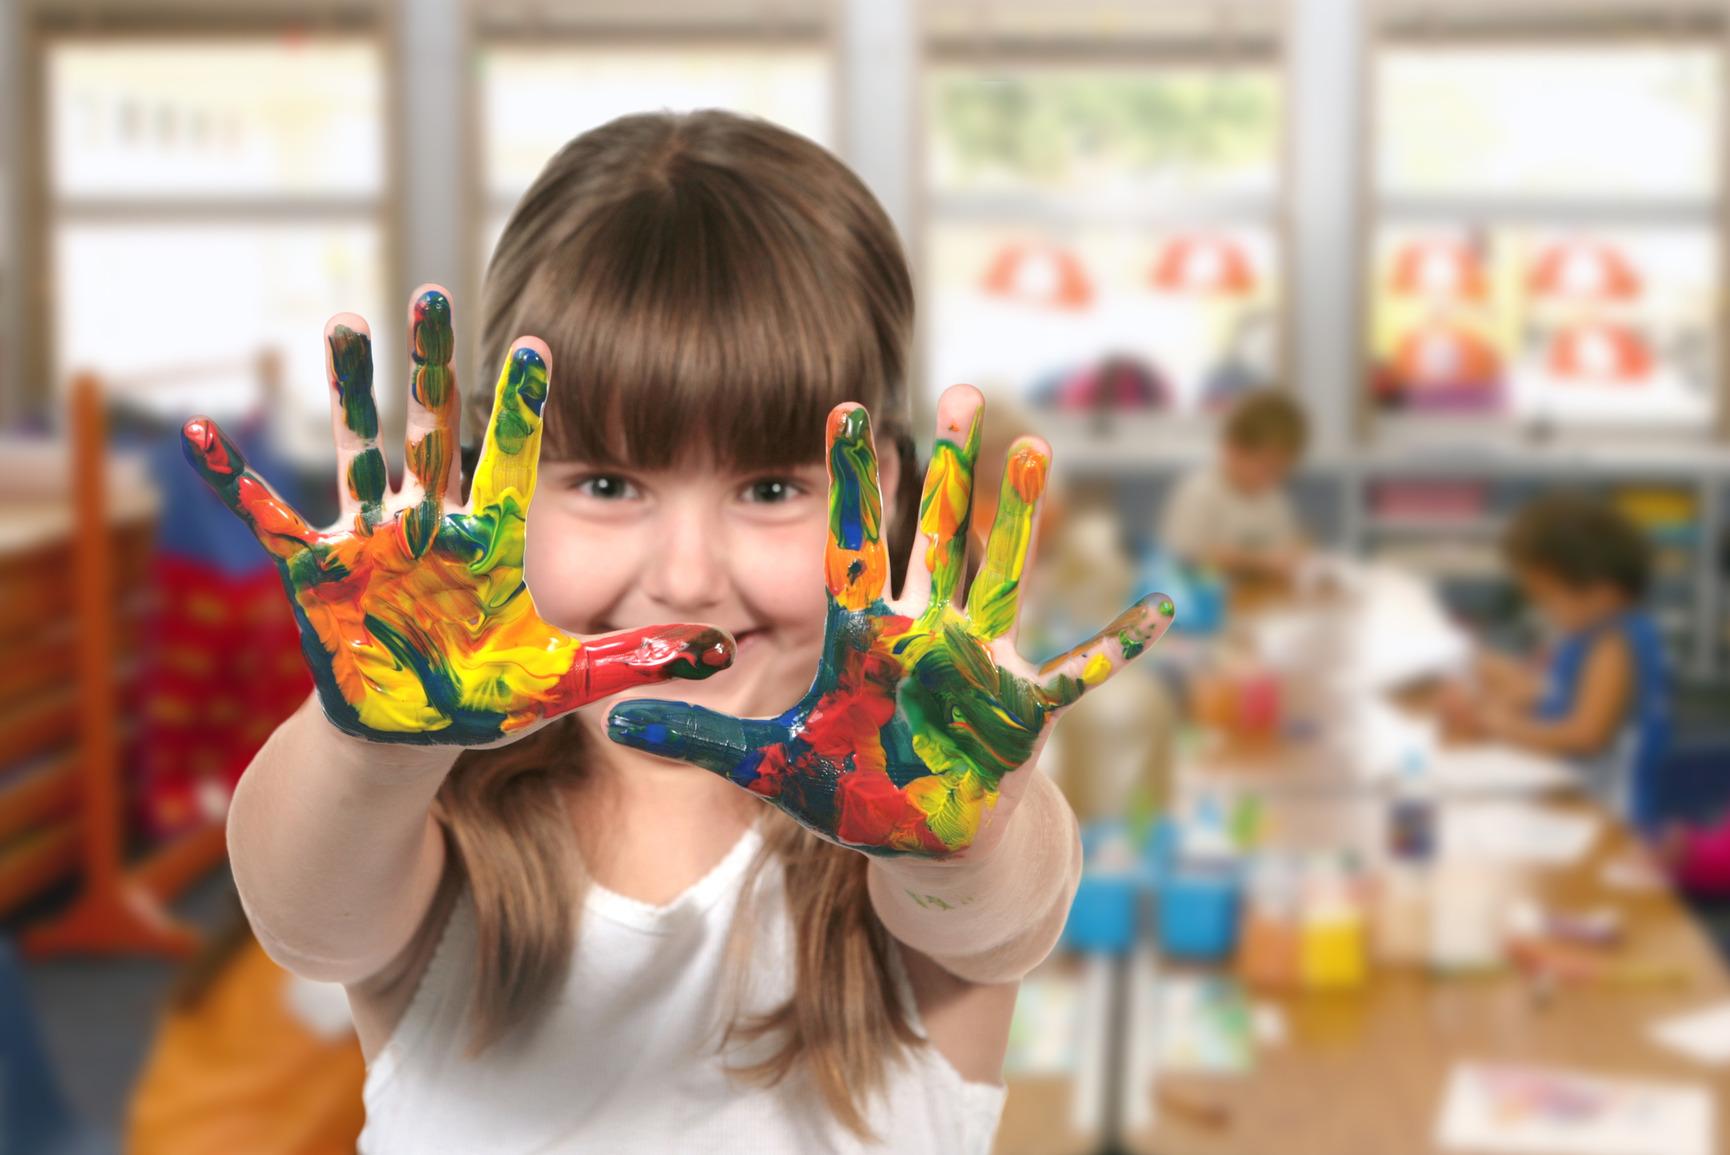 photodune-833911-classroom-painting-in-kindergarten-m